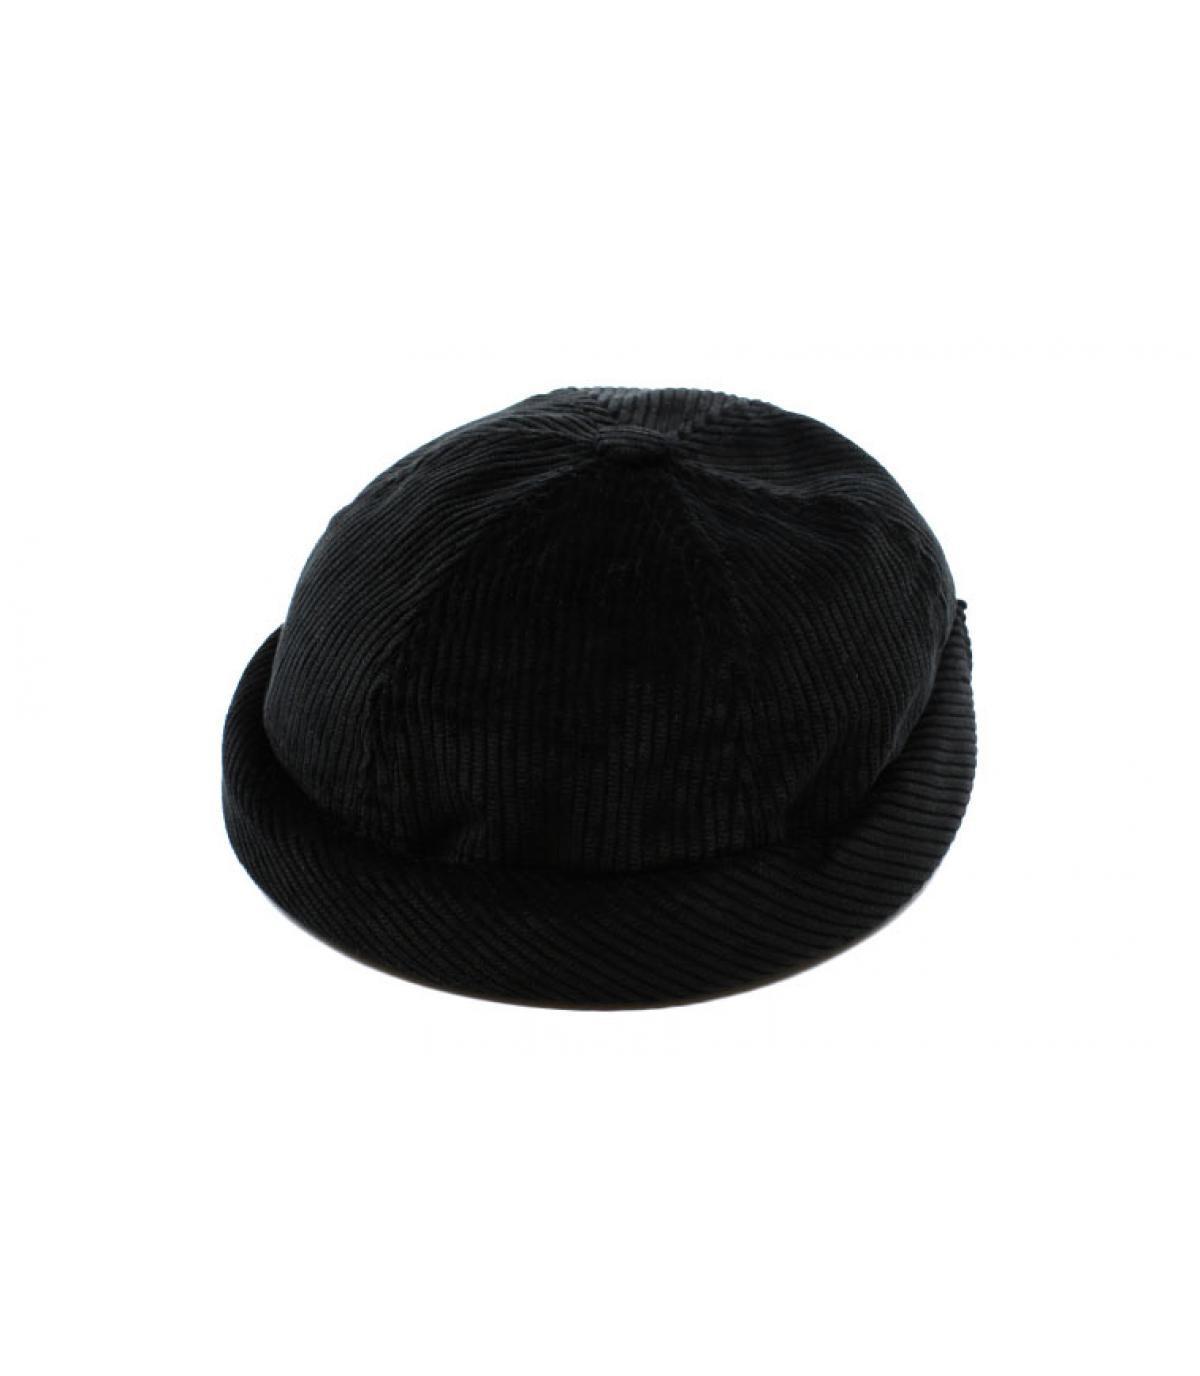 Detalles Miki Velvet Corduroy black imagen 5